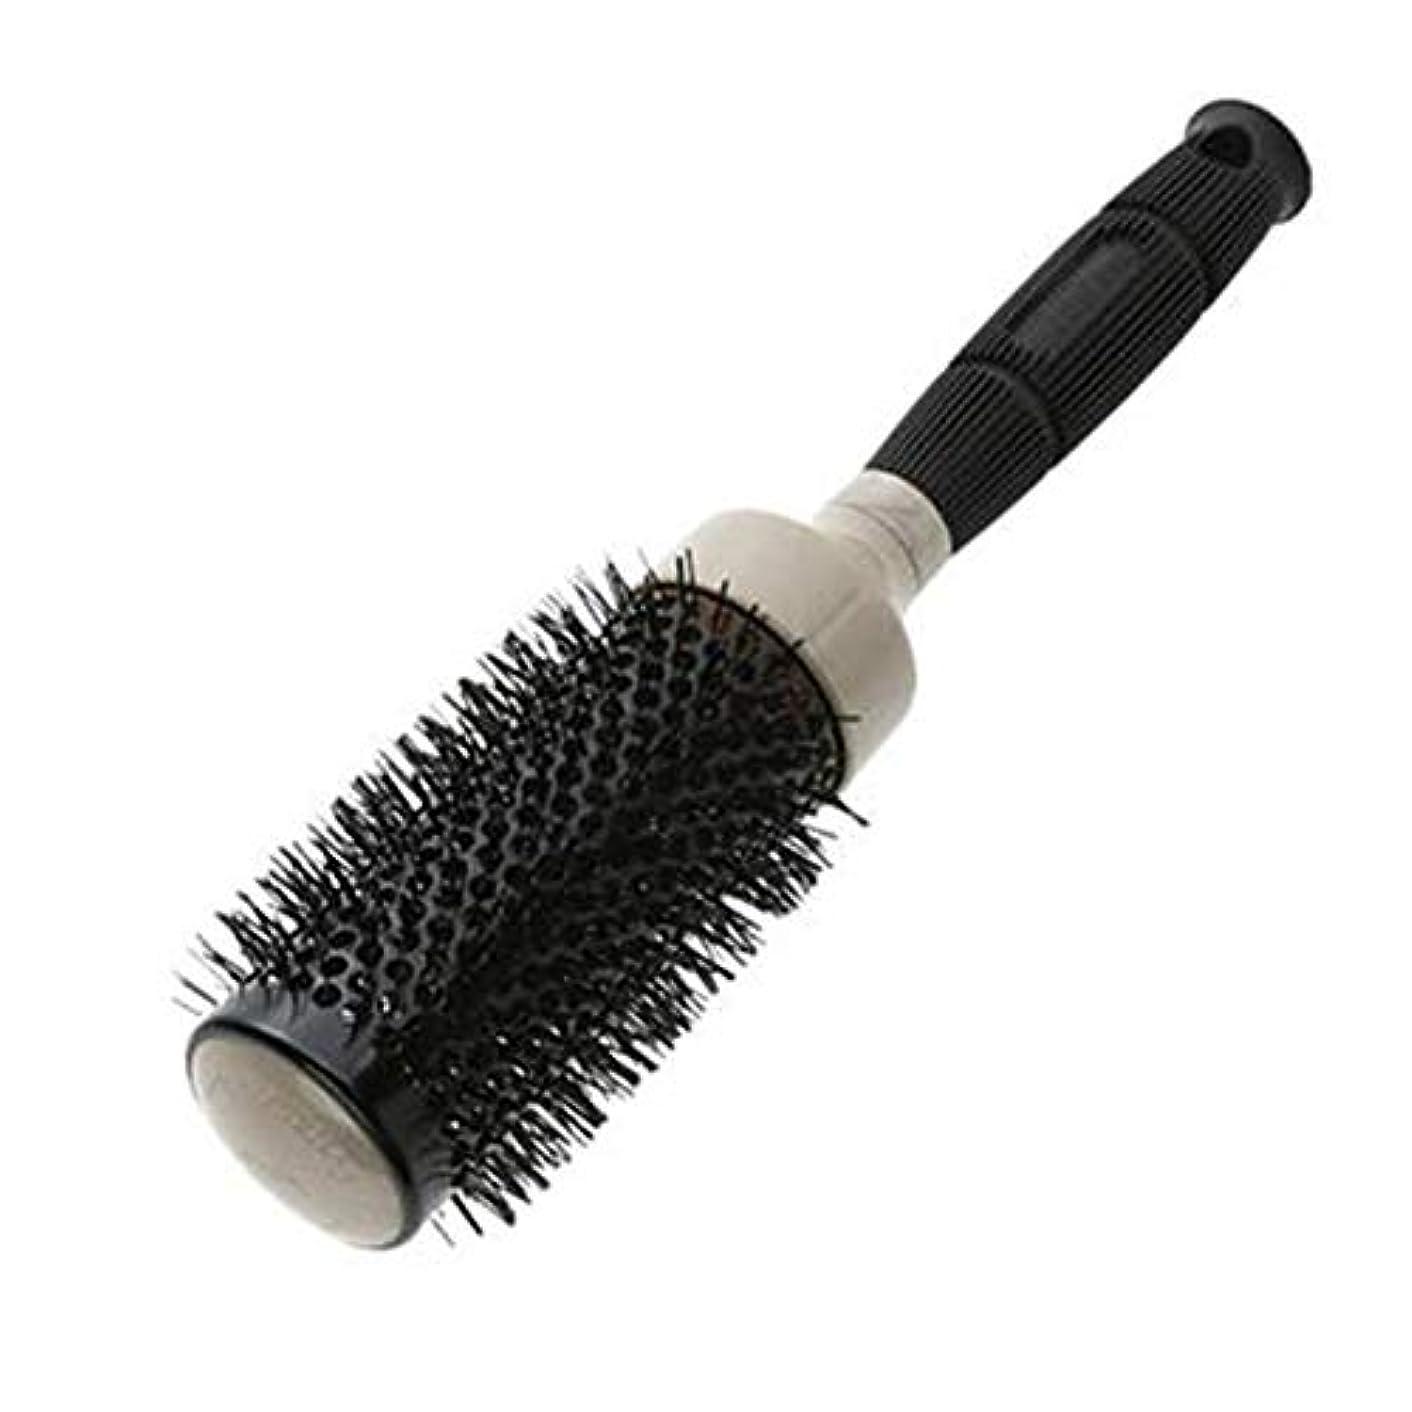 方向無許可ポジションセラミックカーリングブラシ理髪サロンスタイリングツールラウンドヘアブラシマッサージ zhongdong (Color : '25)